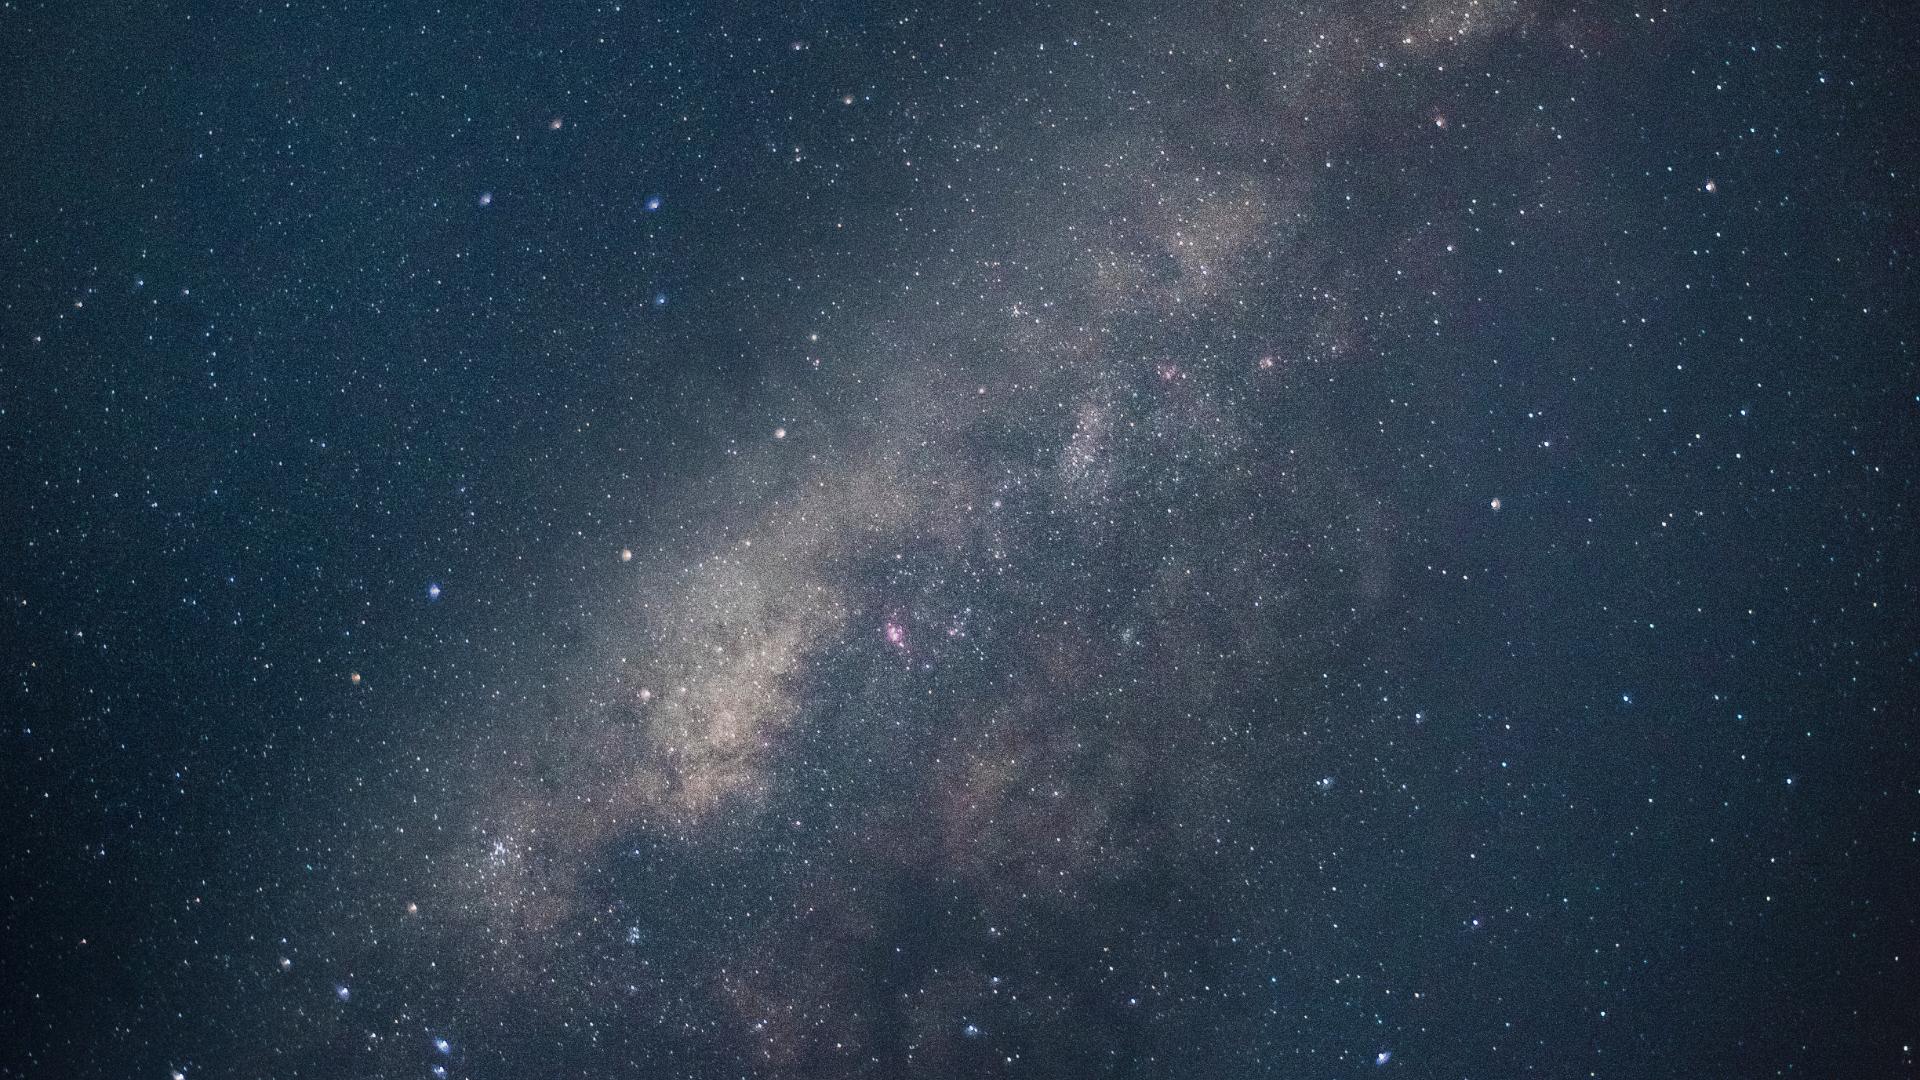 La Voie lactée aurait dérobé plusieurs galaxies au Grand Nuage de Magellan